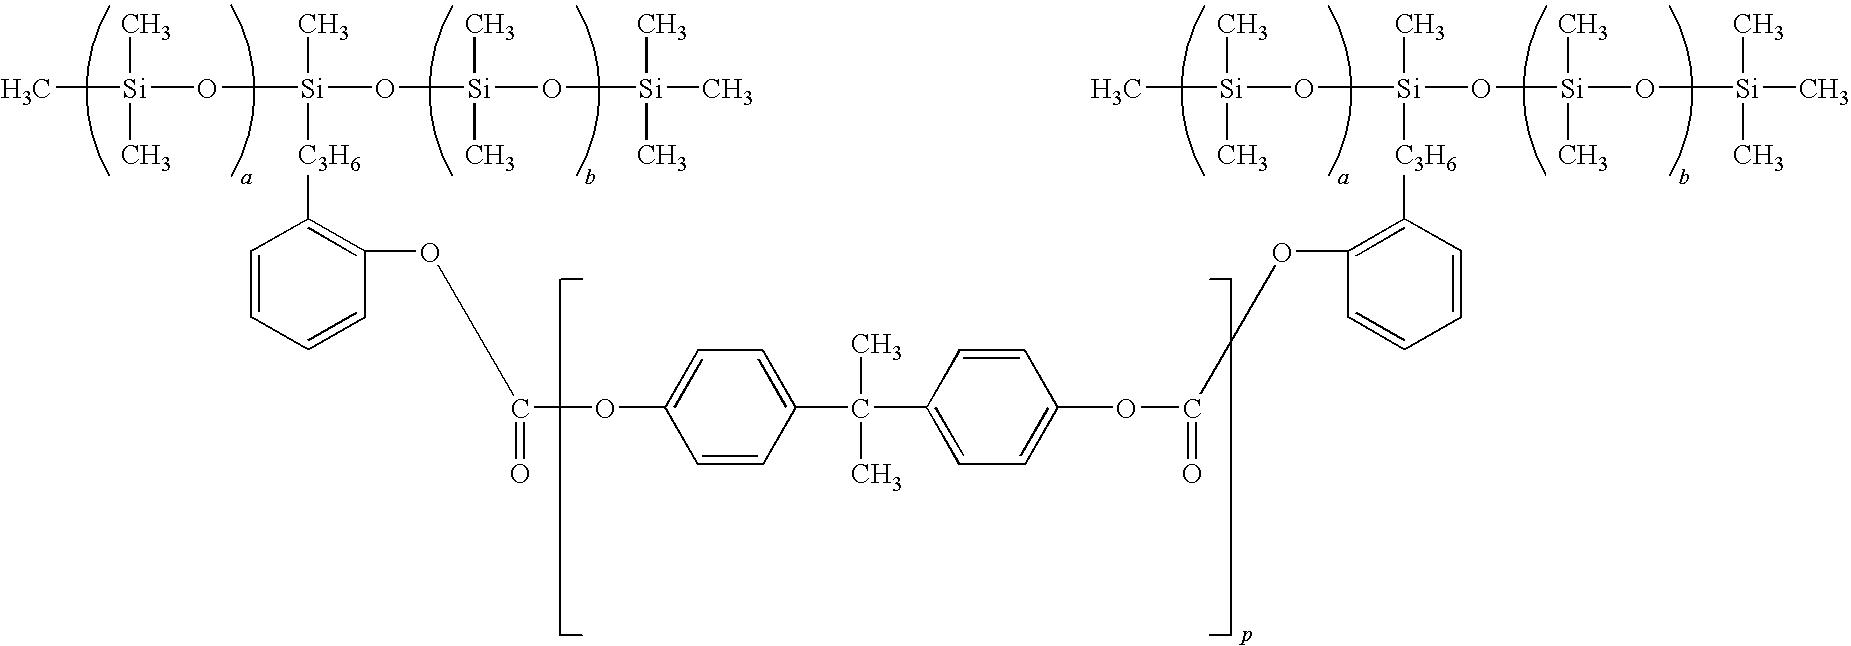 Figure US07943278-20110517-C00022